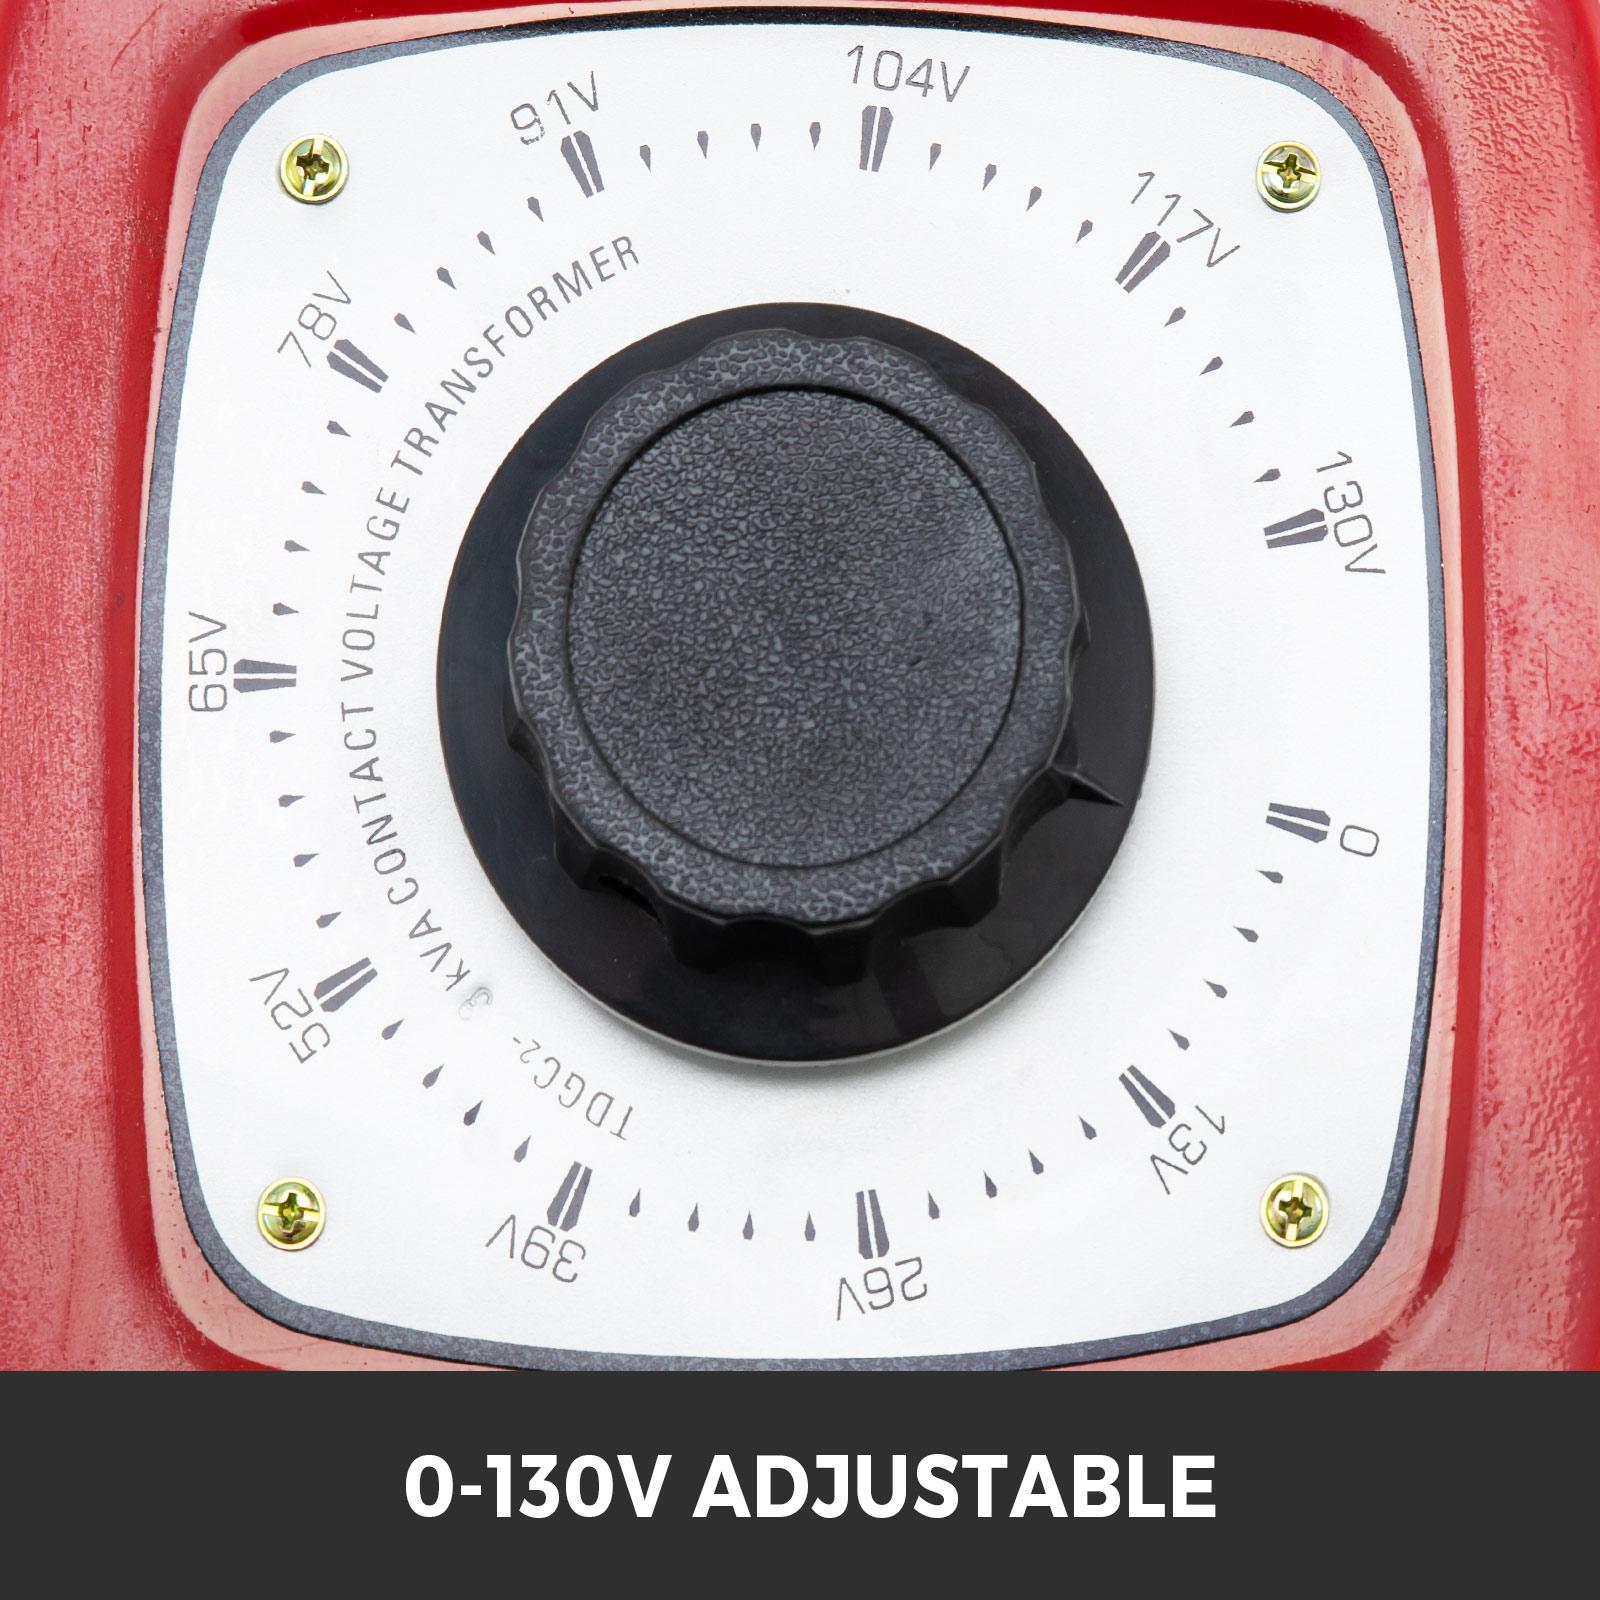 Variac-Variable-Transforme-0-5-1-2-3KVA-LCD-Single-Phase-Digital-Display-0-130V thumbnail 51